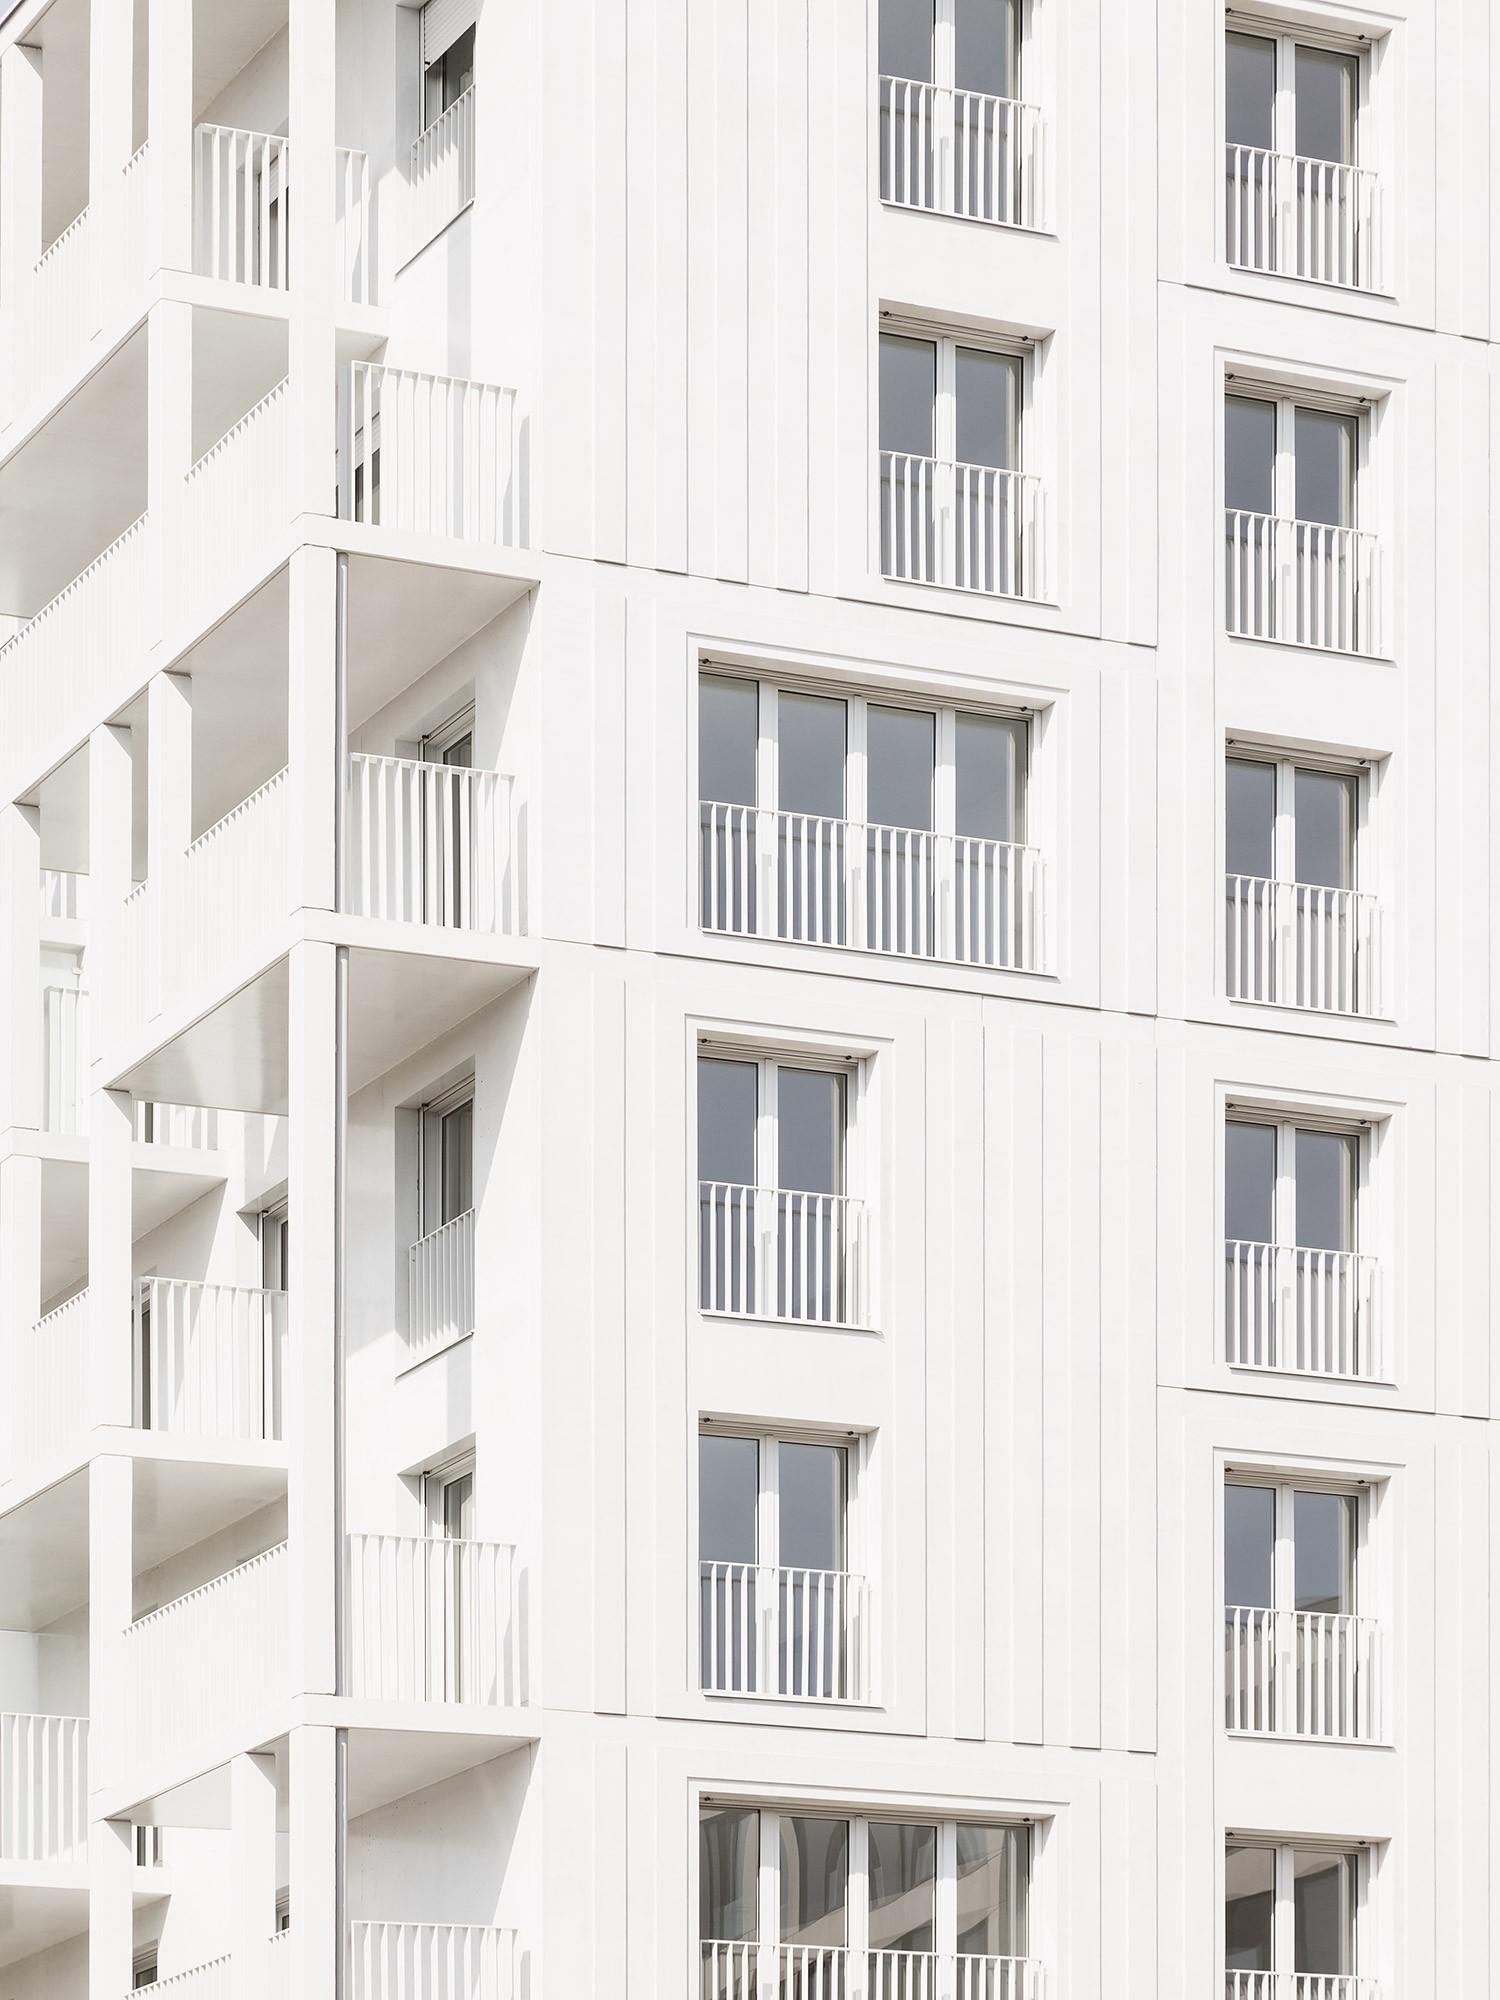 logements sociaux croisset paris 18 hardel le bihan architectes. Black Bedroom Furniture Sets. Home Design Ideas